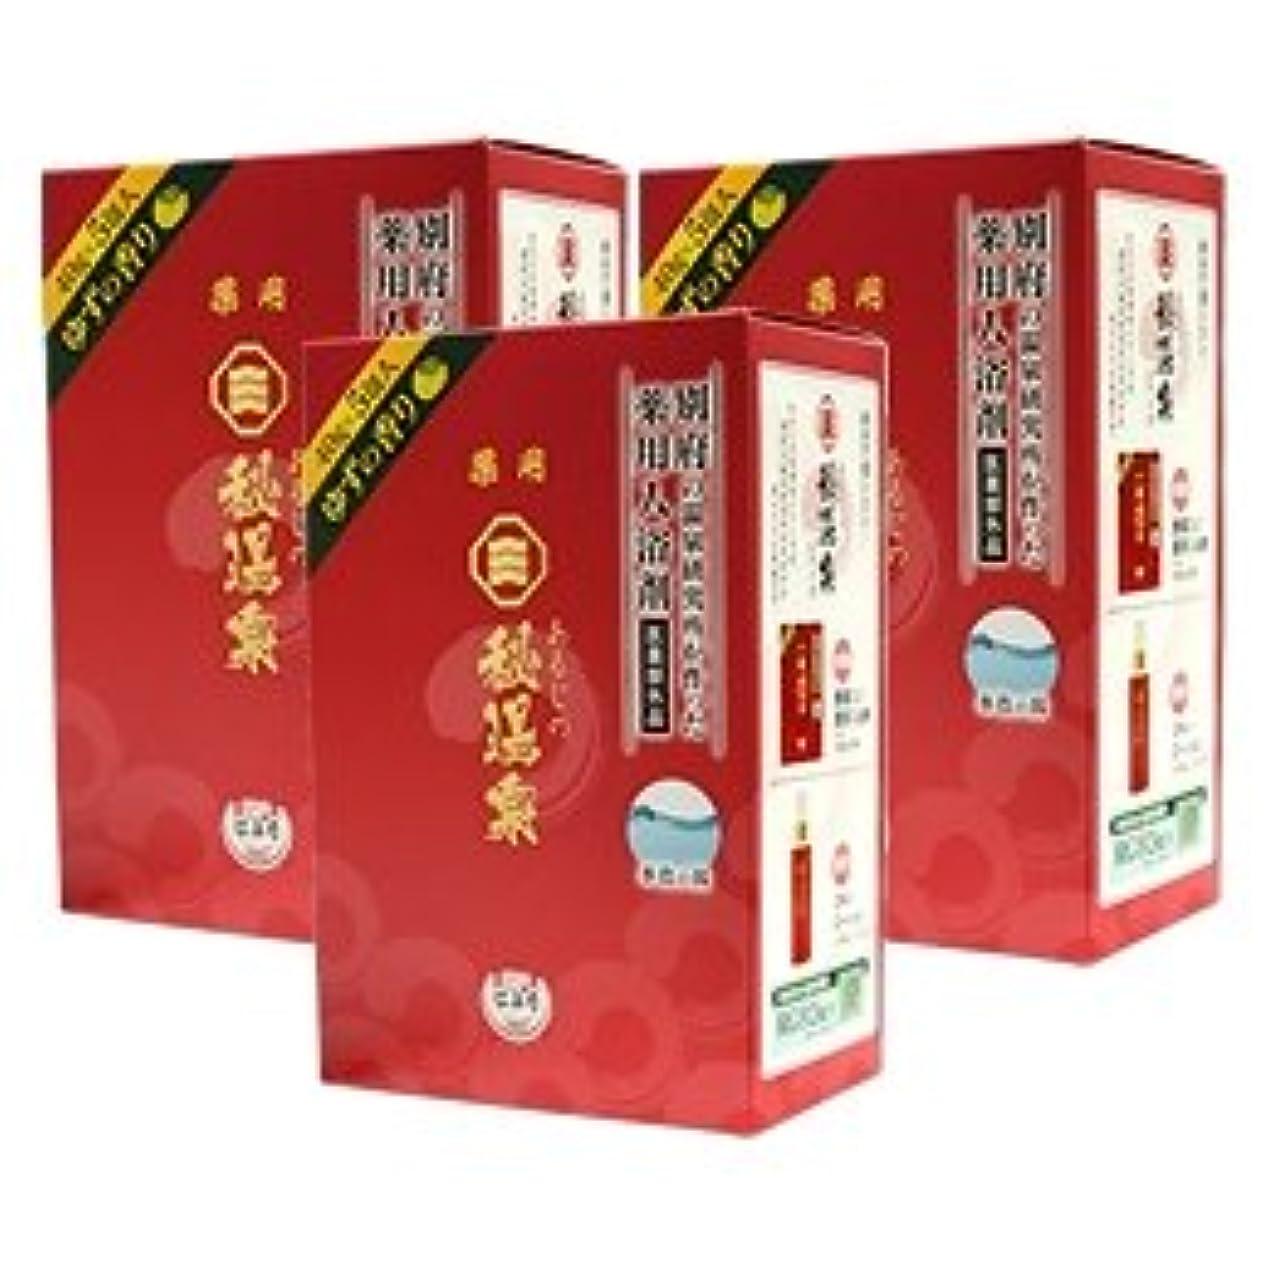 行うフラスコリファイン薬用入浴剤 あるじの秘湯泉 ×3箱(1箱5包入り)セット